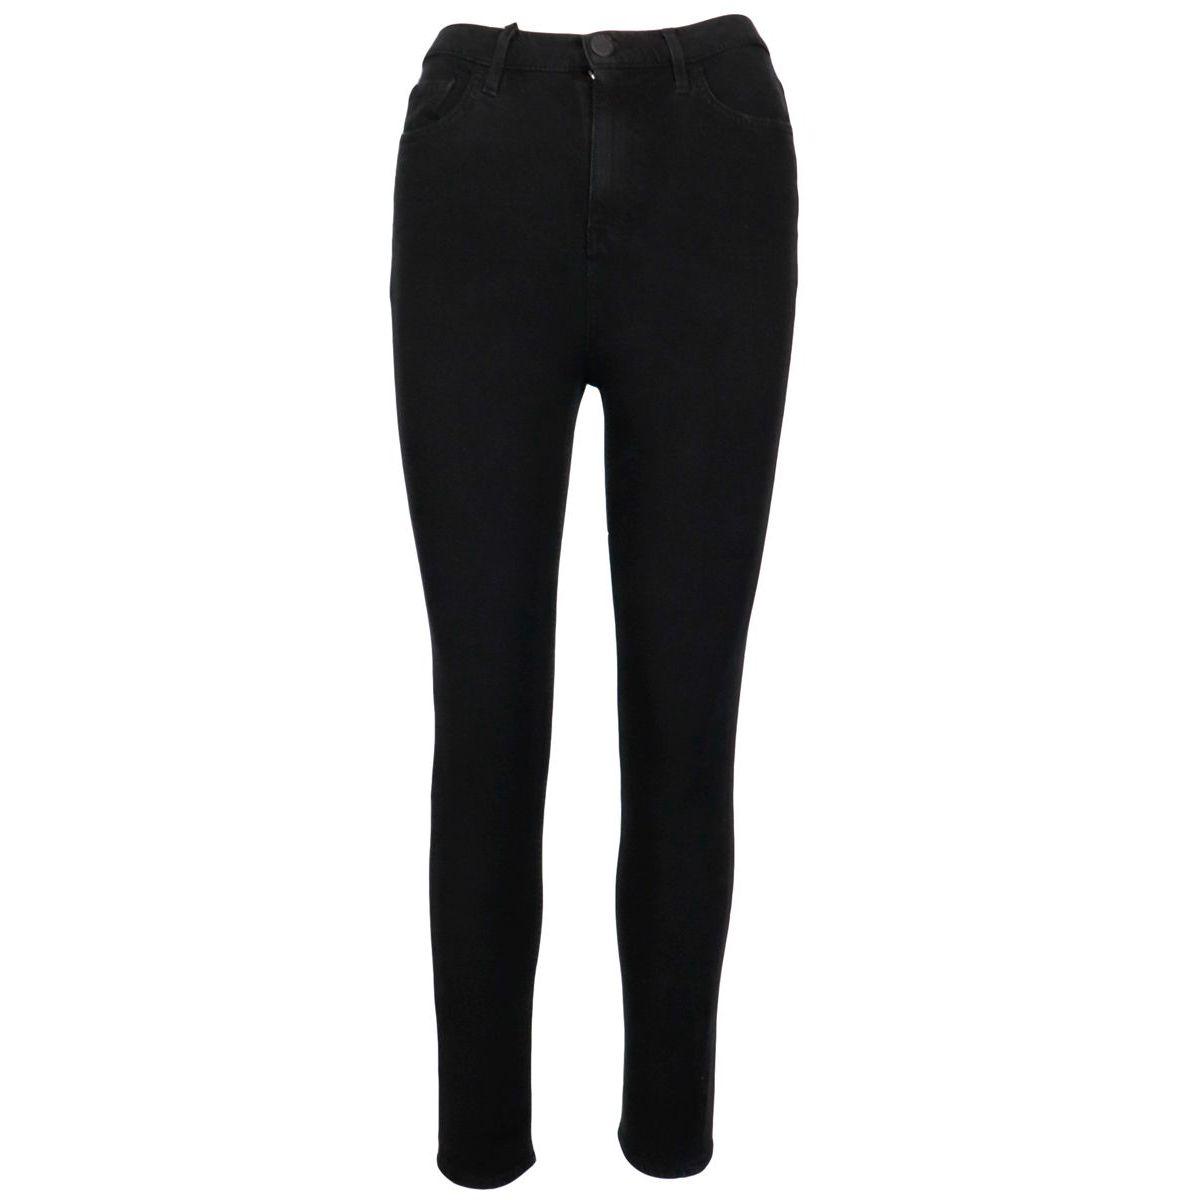 Susan skinny jeans in black denim Black denim Pinko